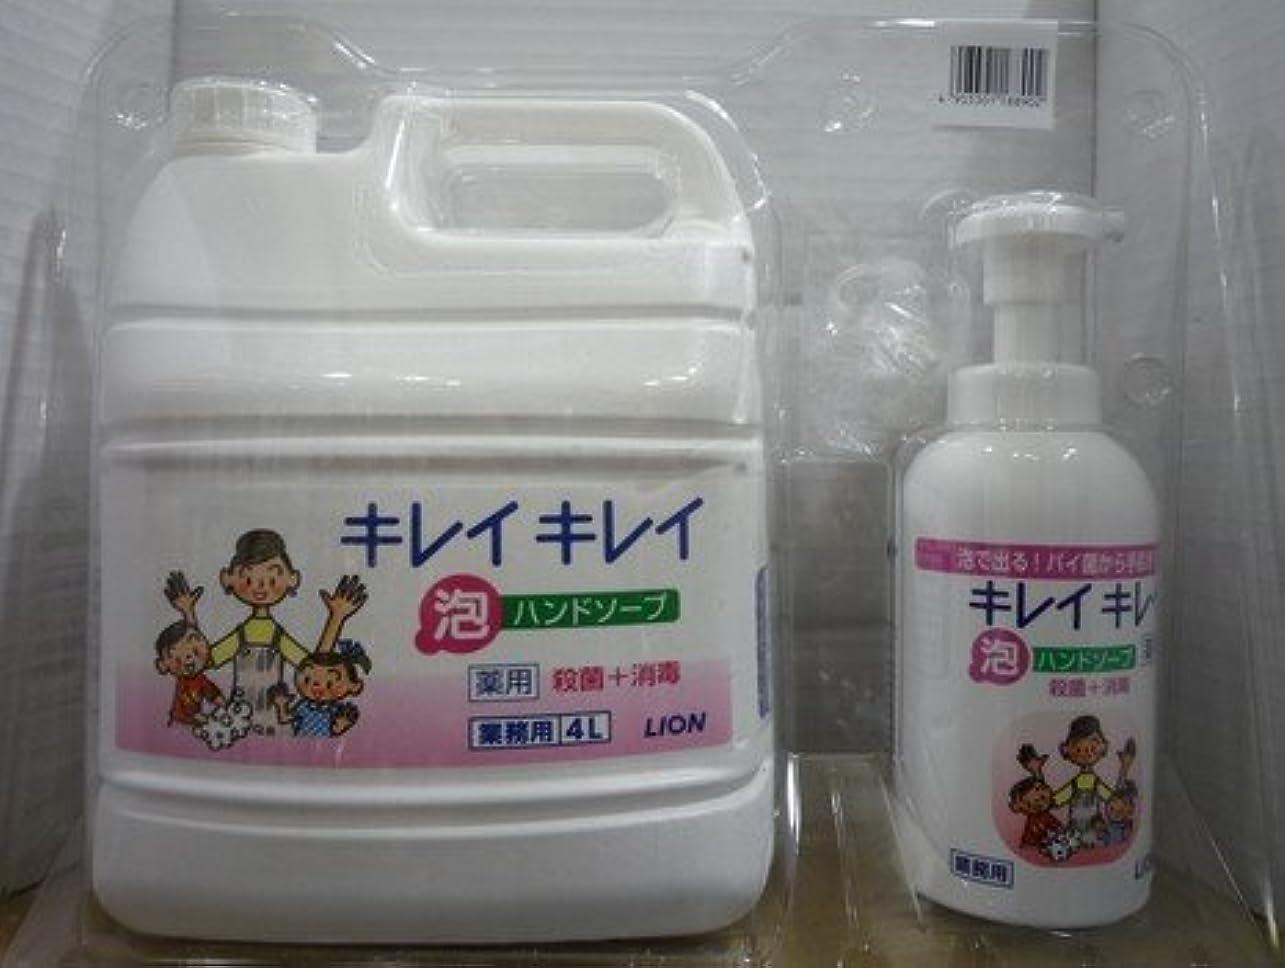 ディスカウント水素セットアップキレイキレイ 薬用泡ハンドソープ 業務用 4L+キレイキレイ 薬用泡ハンドソープボトル550ml